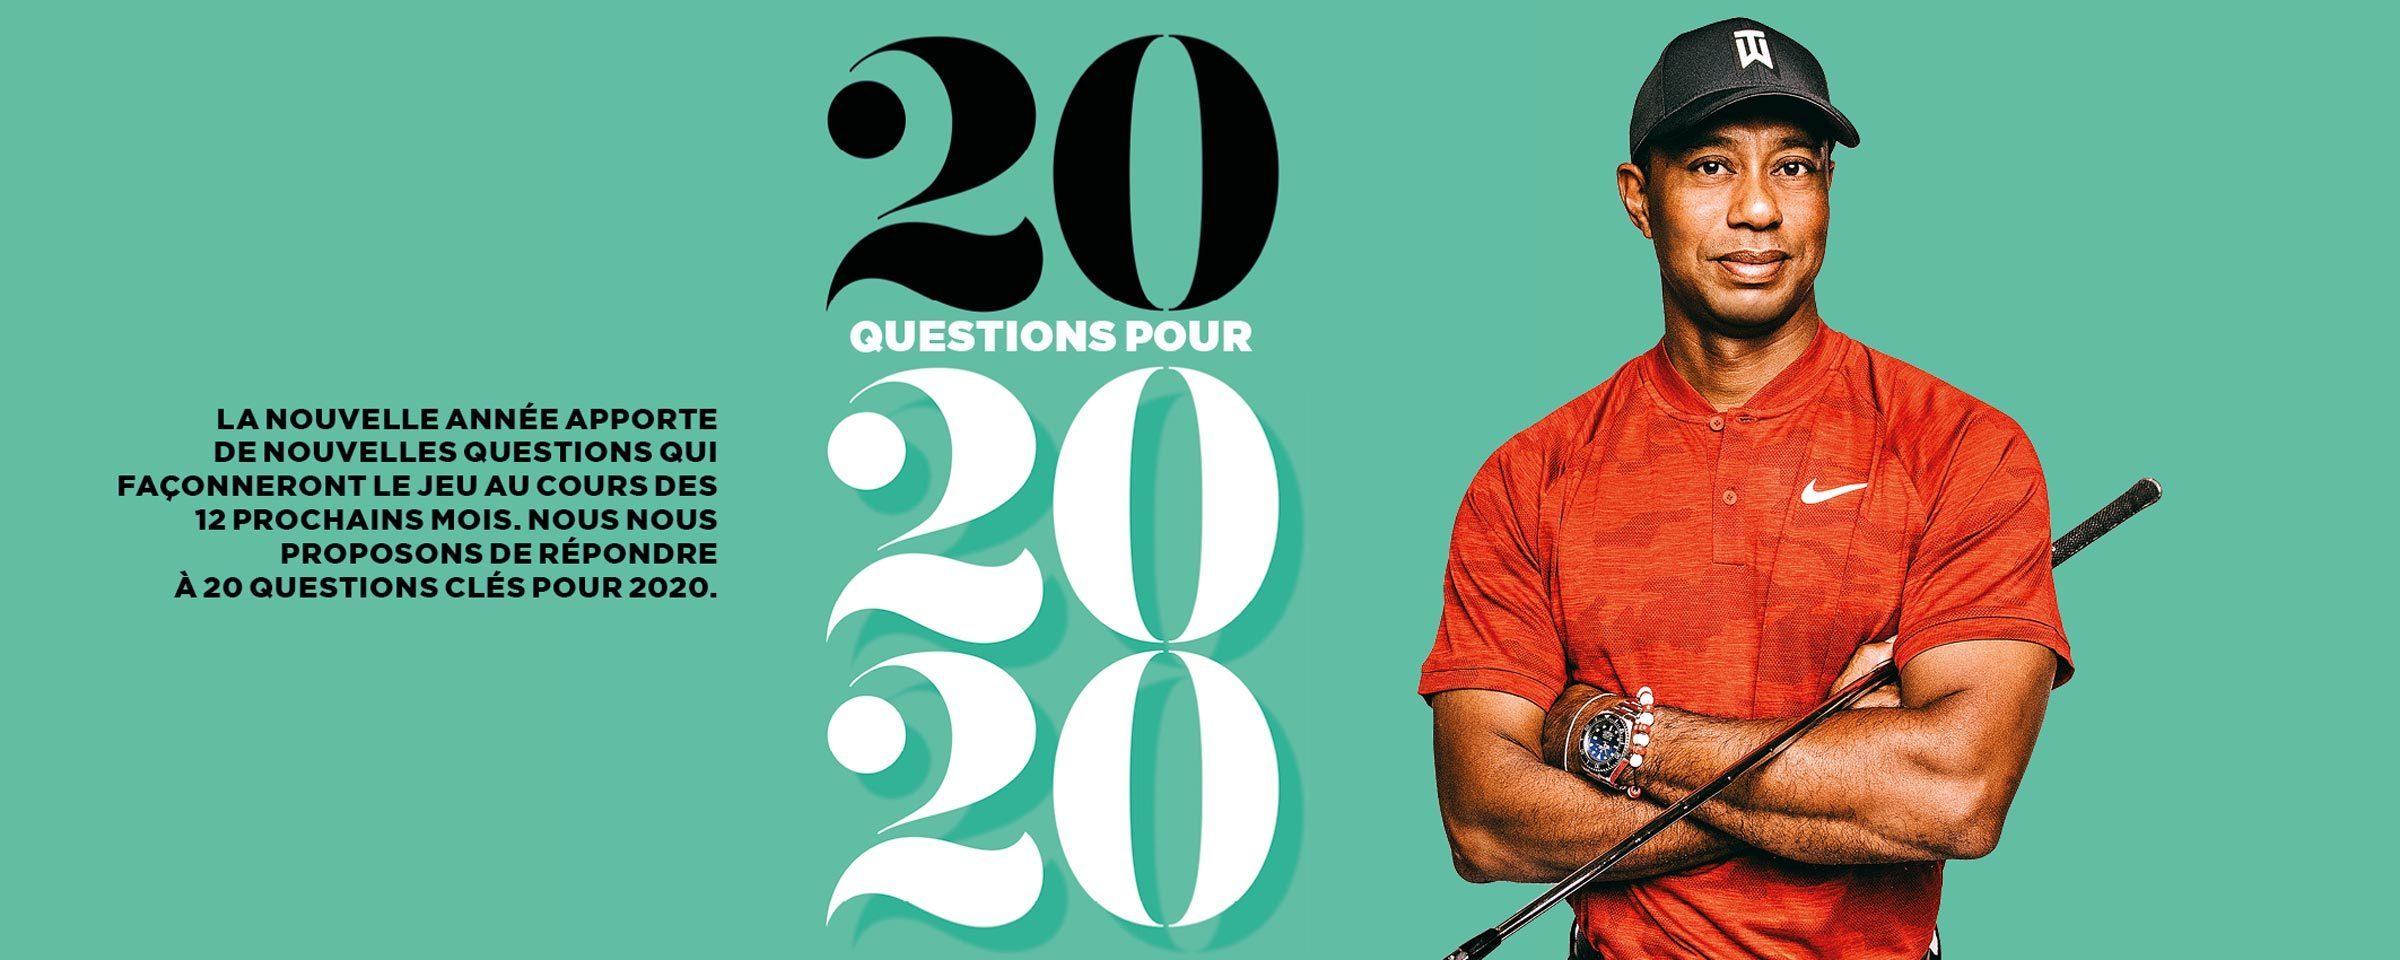 20 questions pour 2020